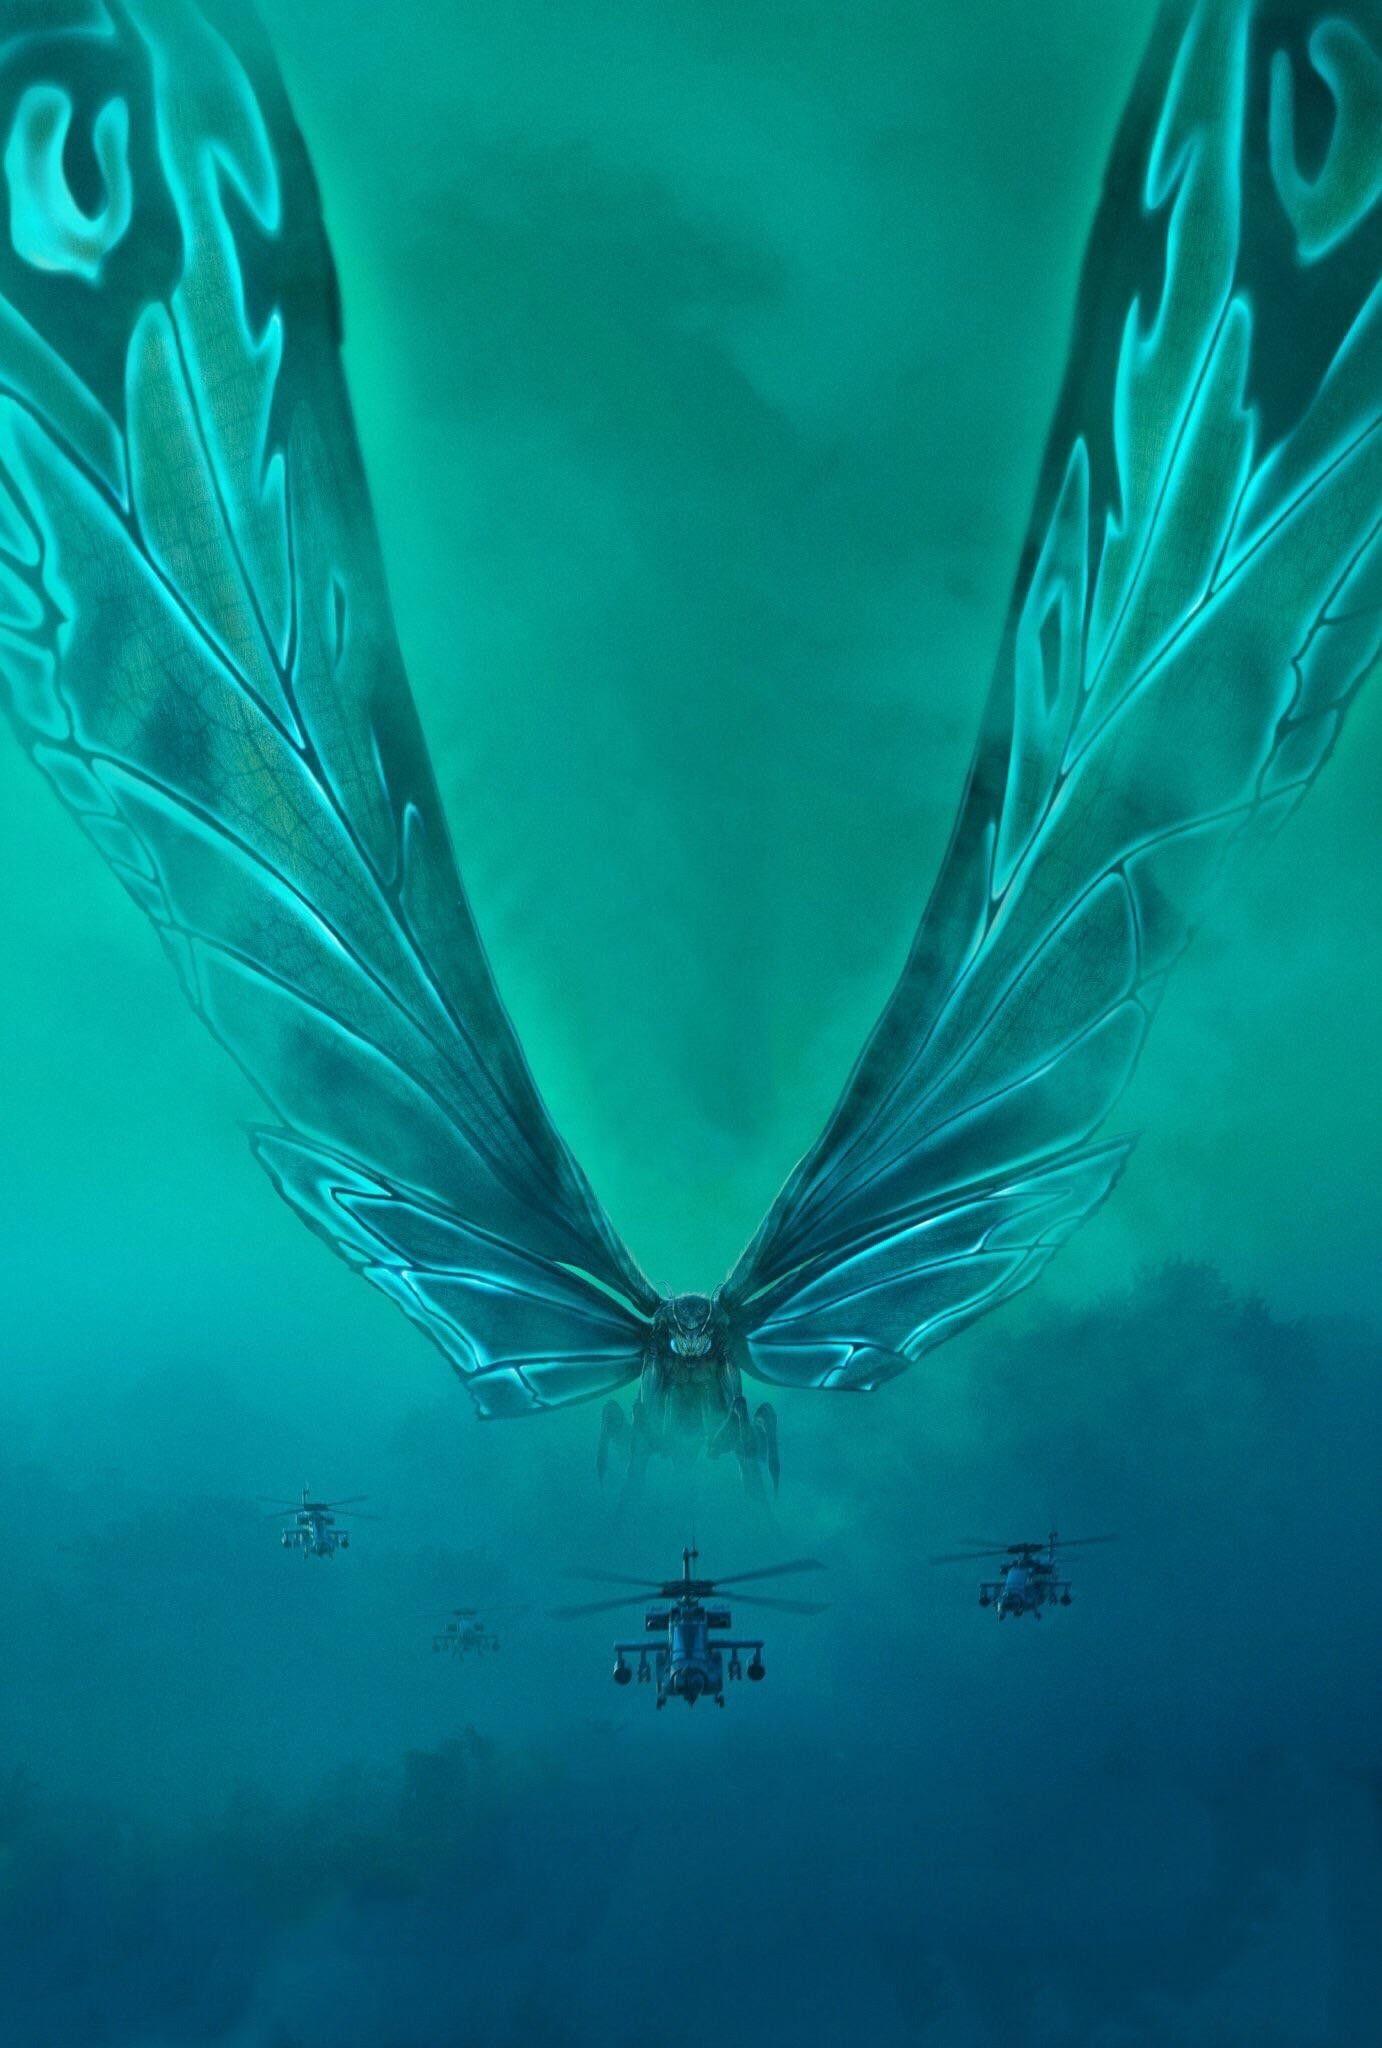 Pin by Jeff Owens on Godzilla Godzilla wallpaper